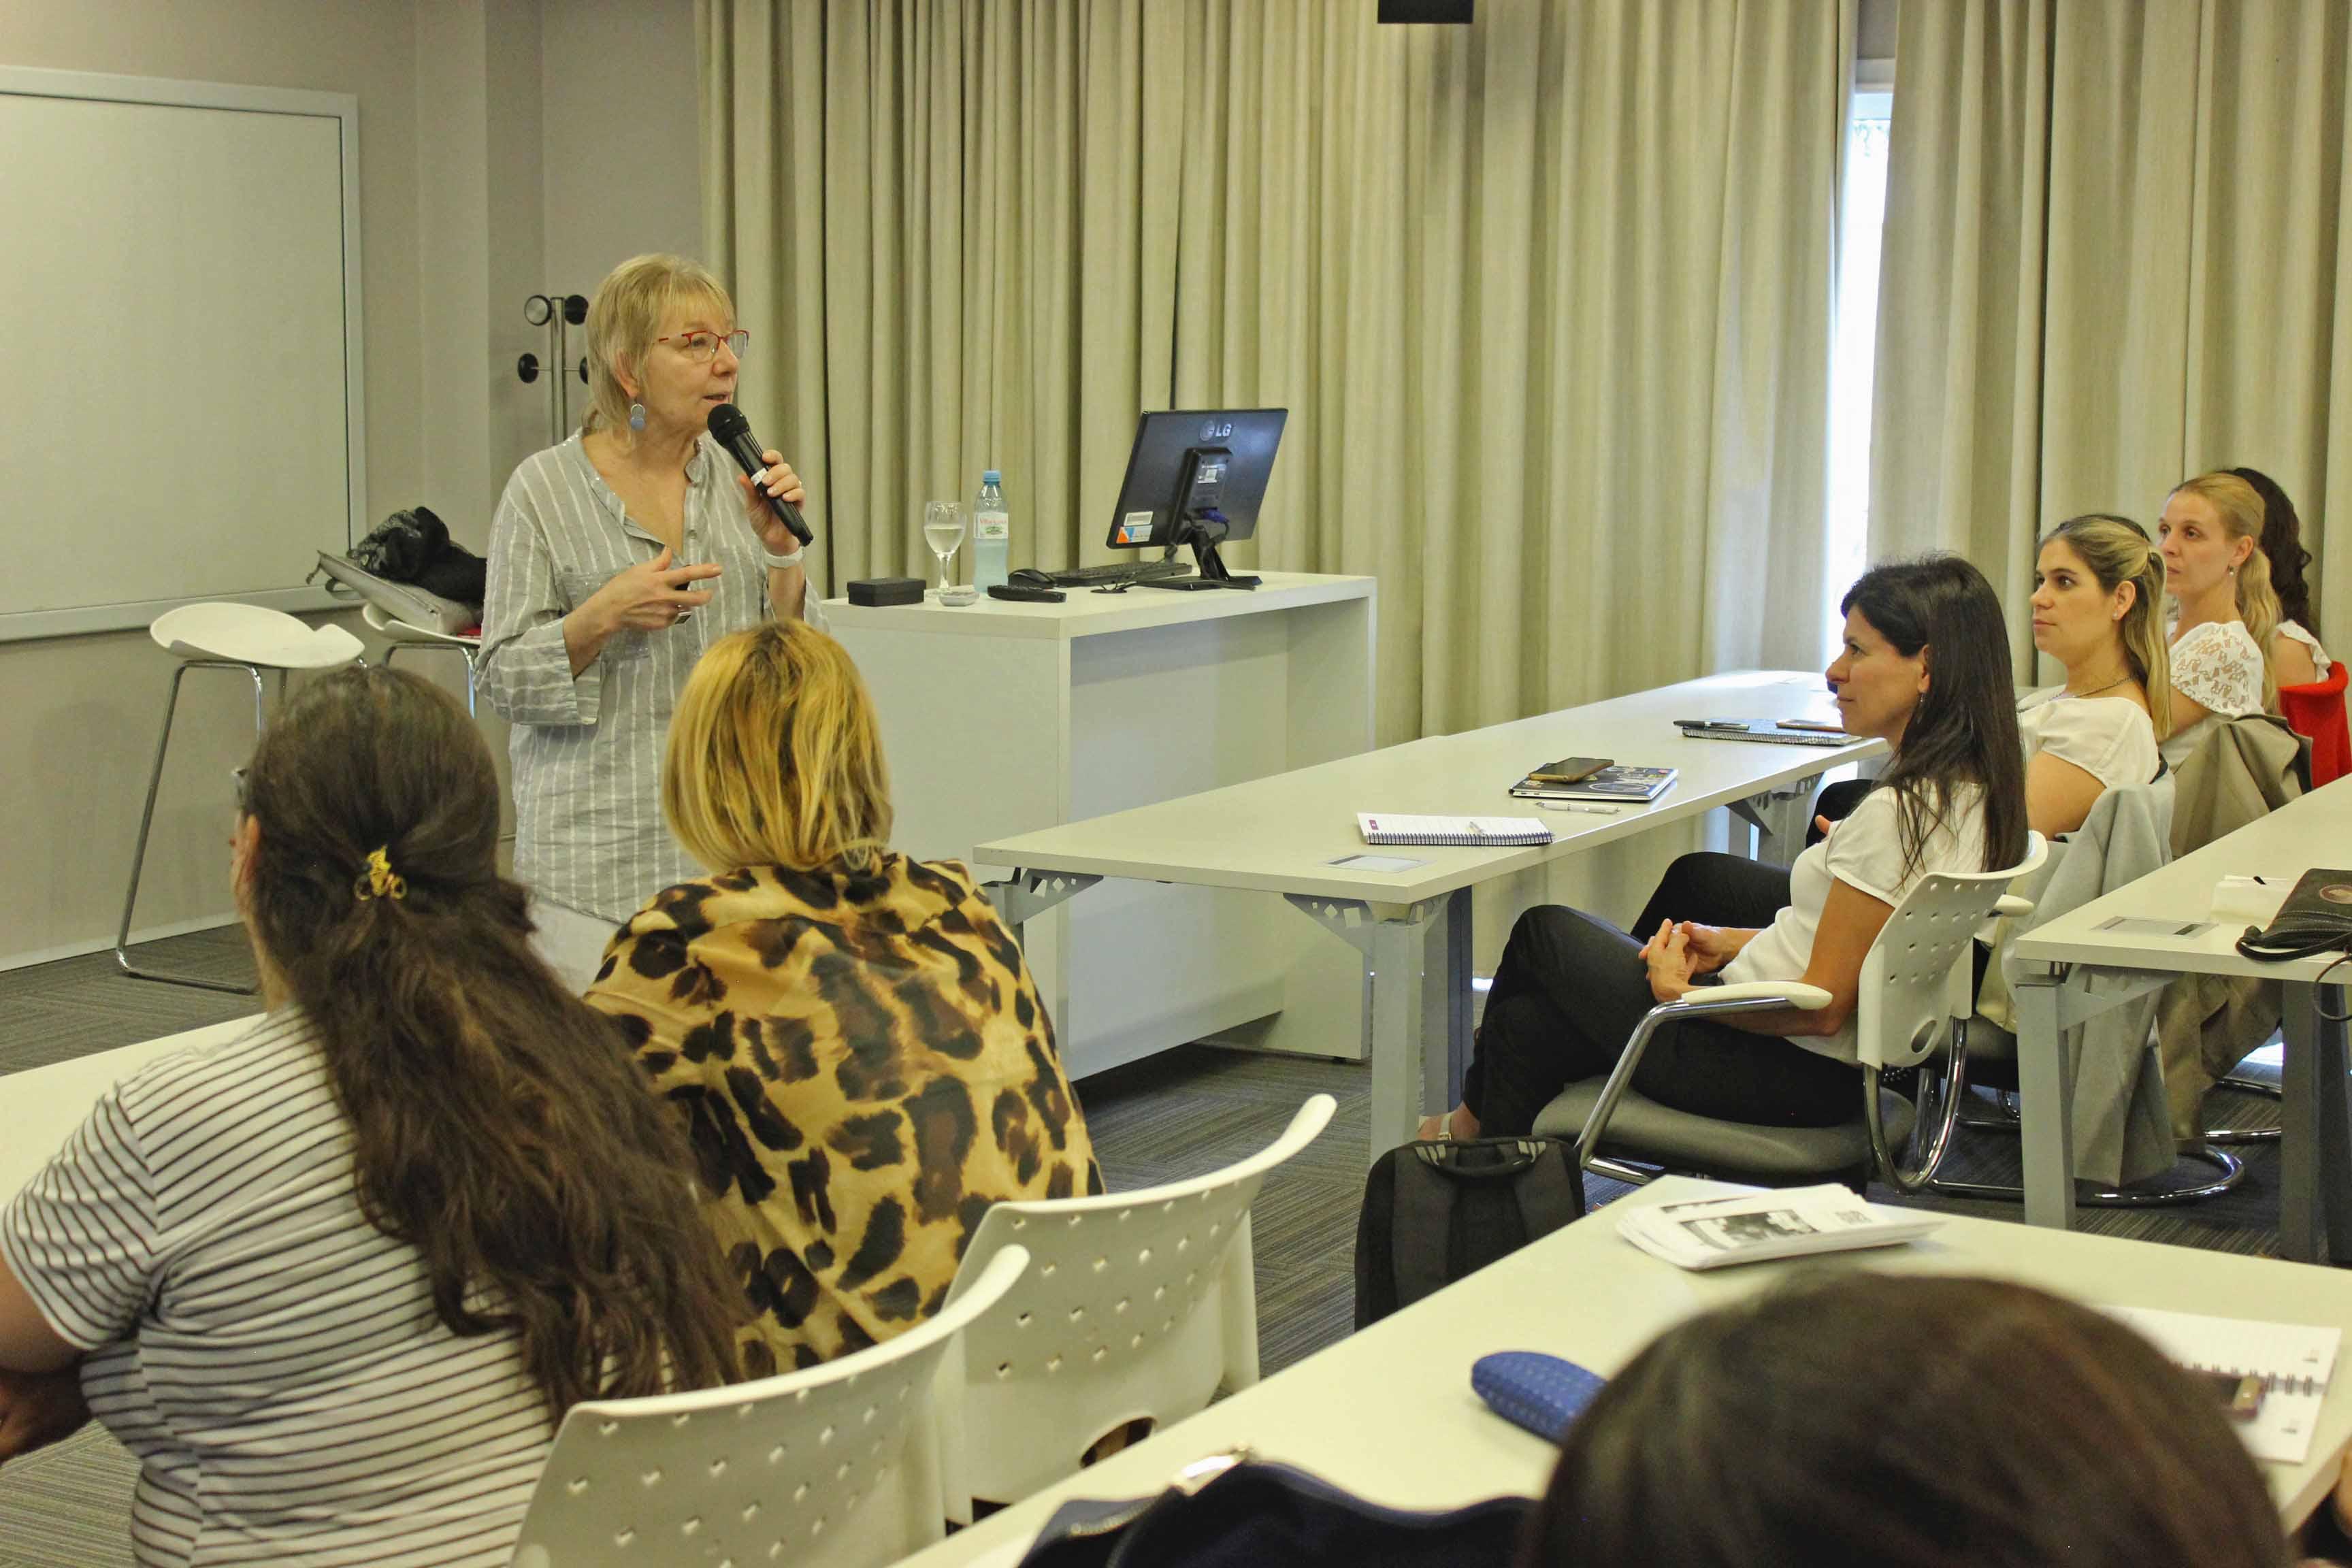 Se reprogramó la conferencia para abordar la diversidad en el aula